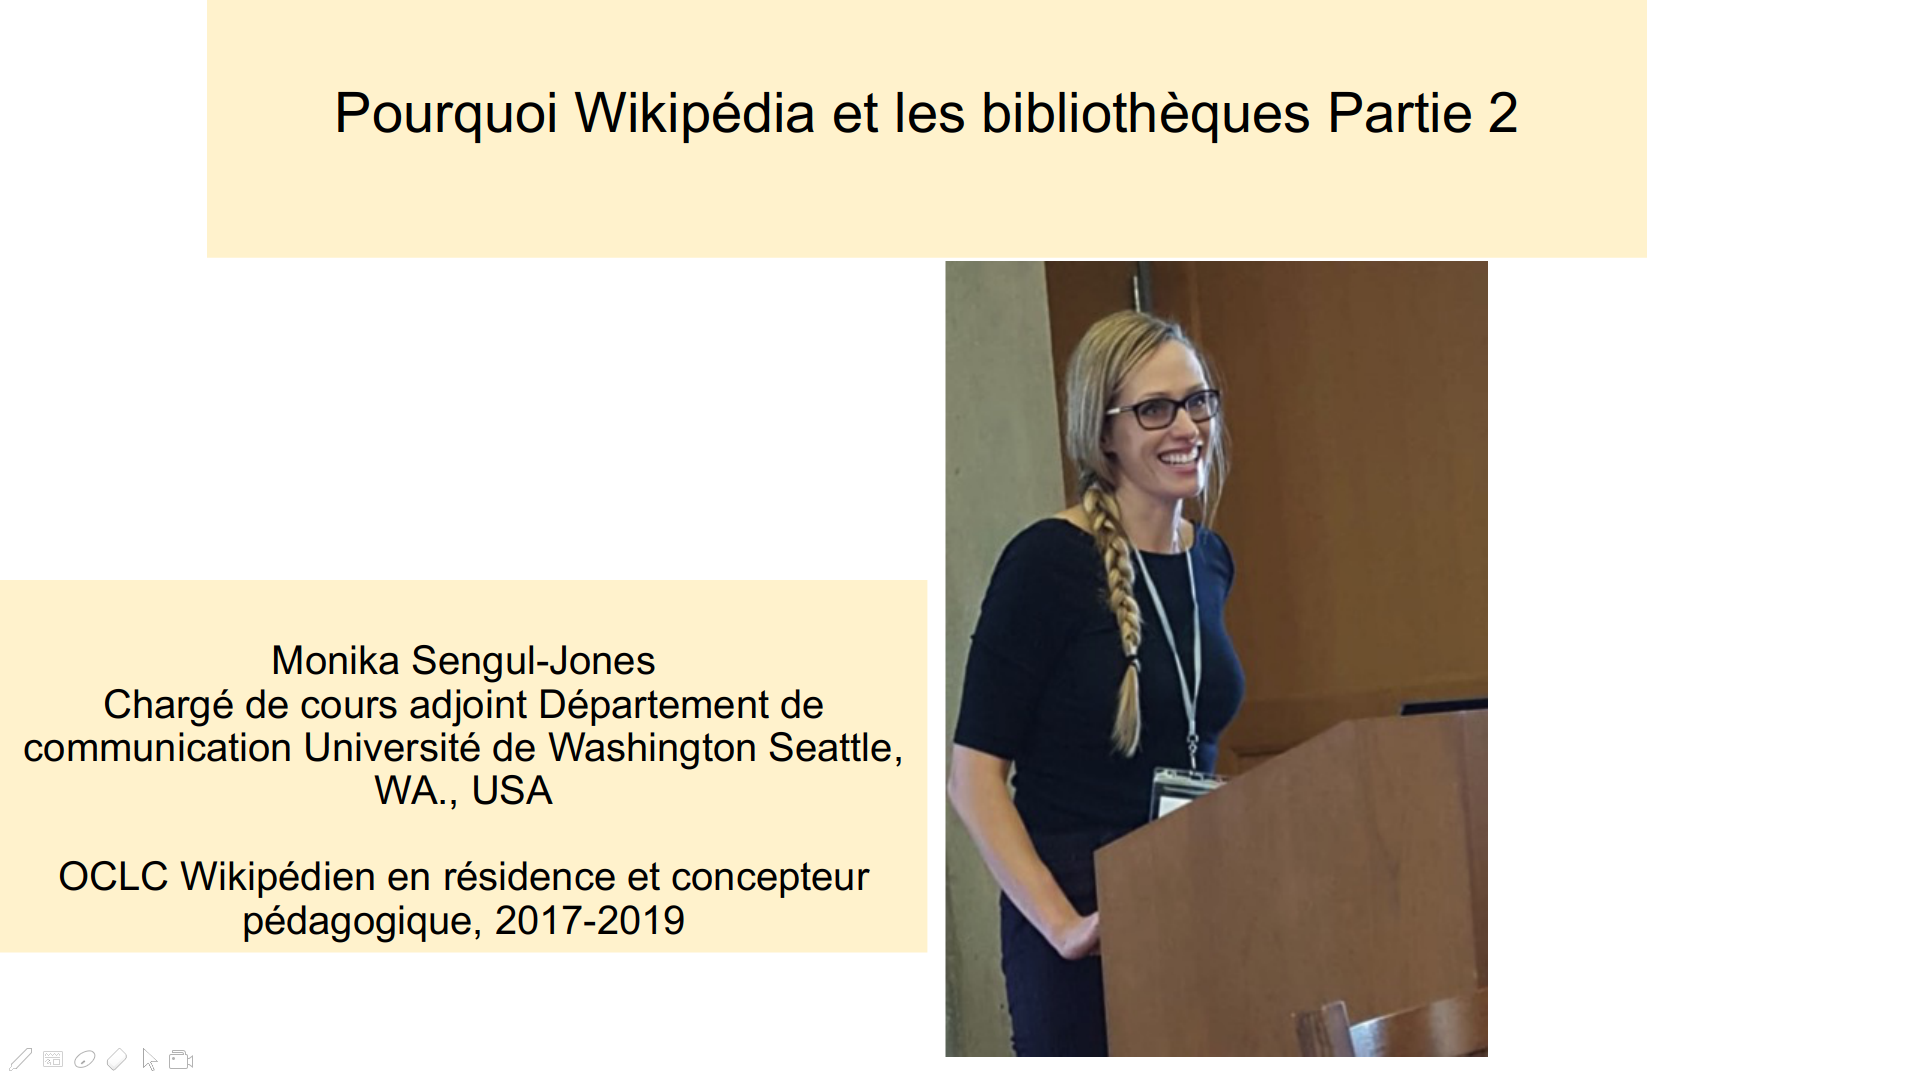 Pourquoi Wikipédia et les bibliothèques Partie 2